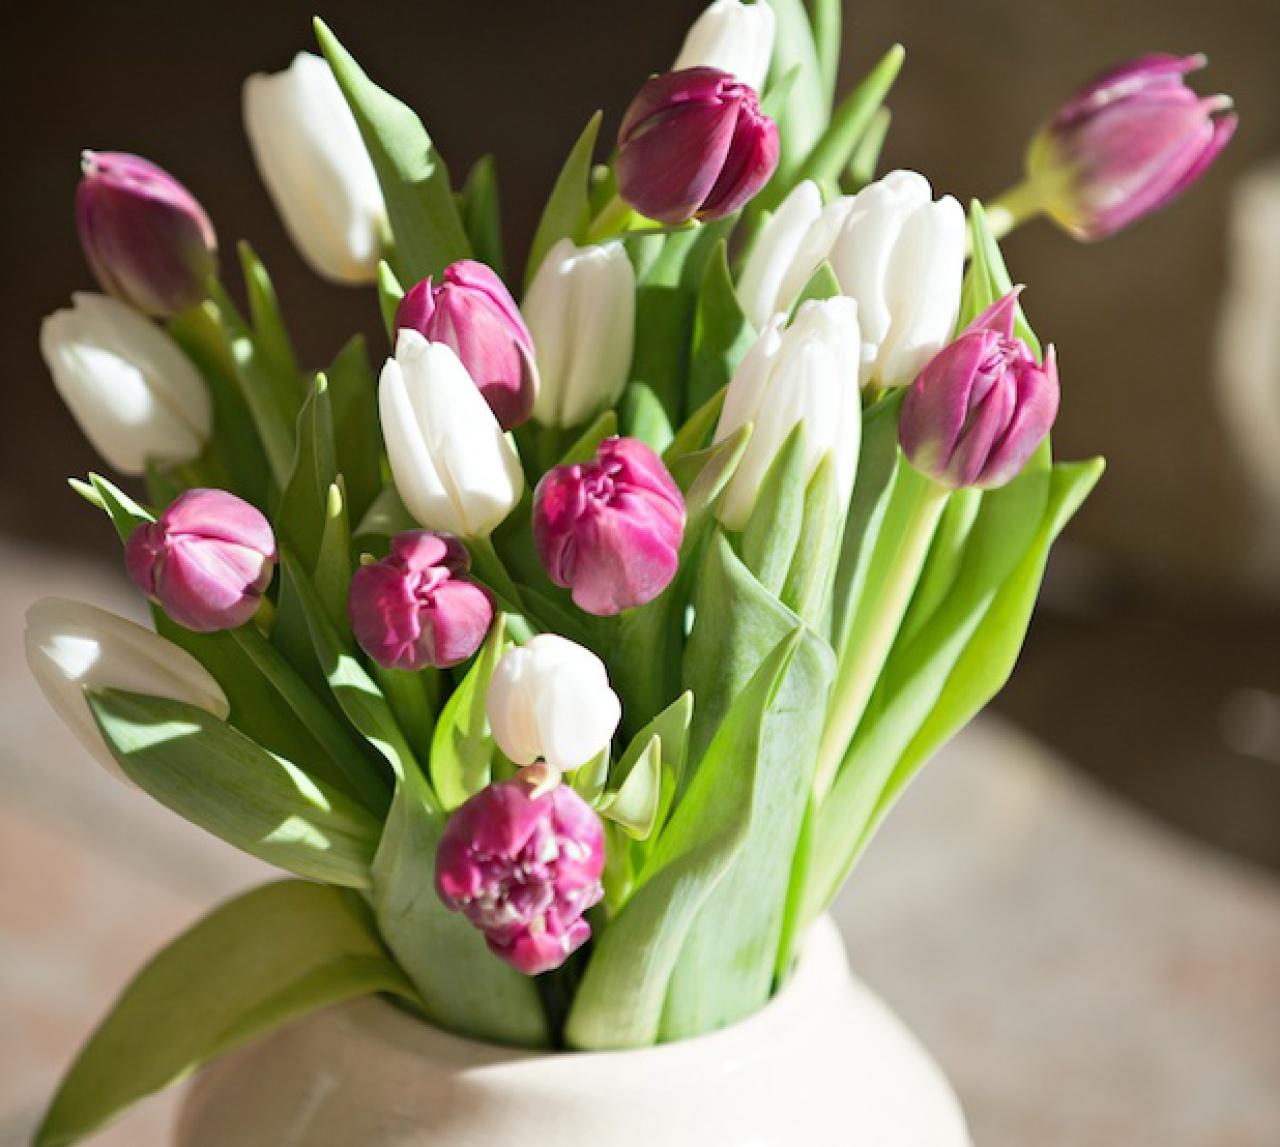 damit die tulpen lange halten nachrichten landleben wochenblatt f r landwirtschaft landleben. Black Bedroom Furniture Sets. Home Design Ideas